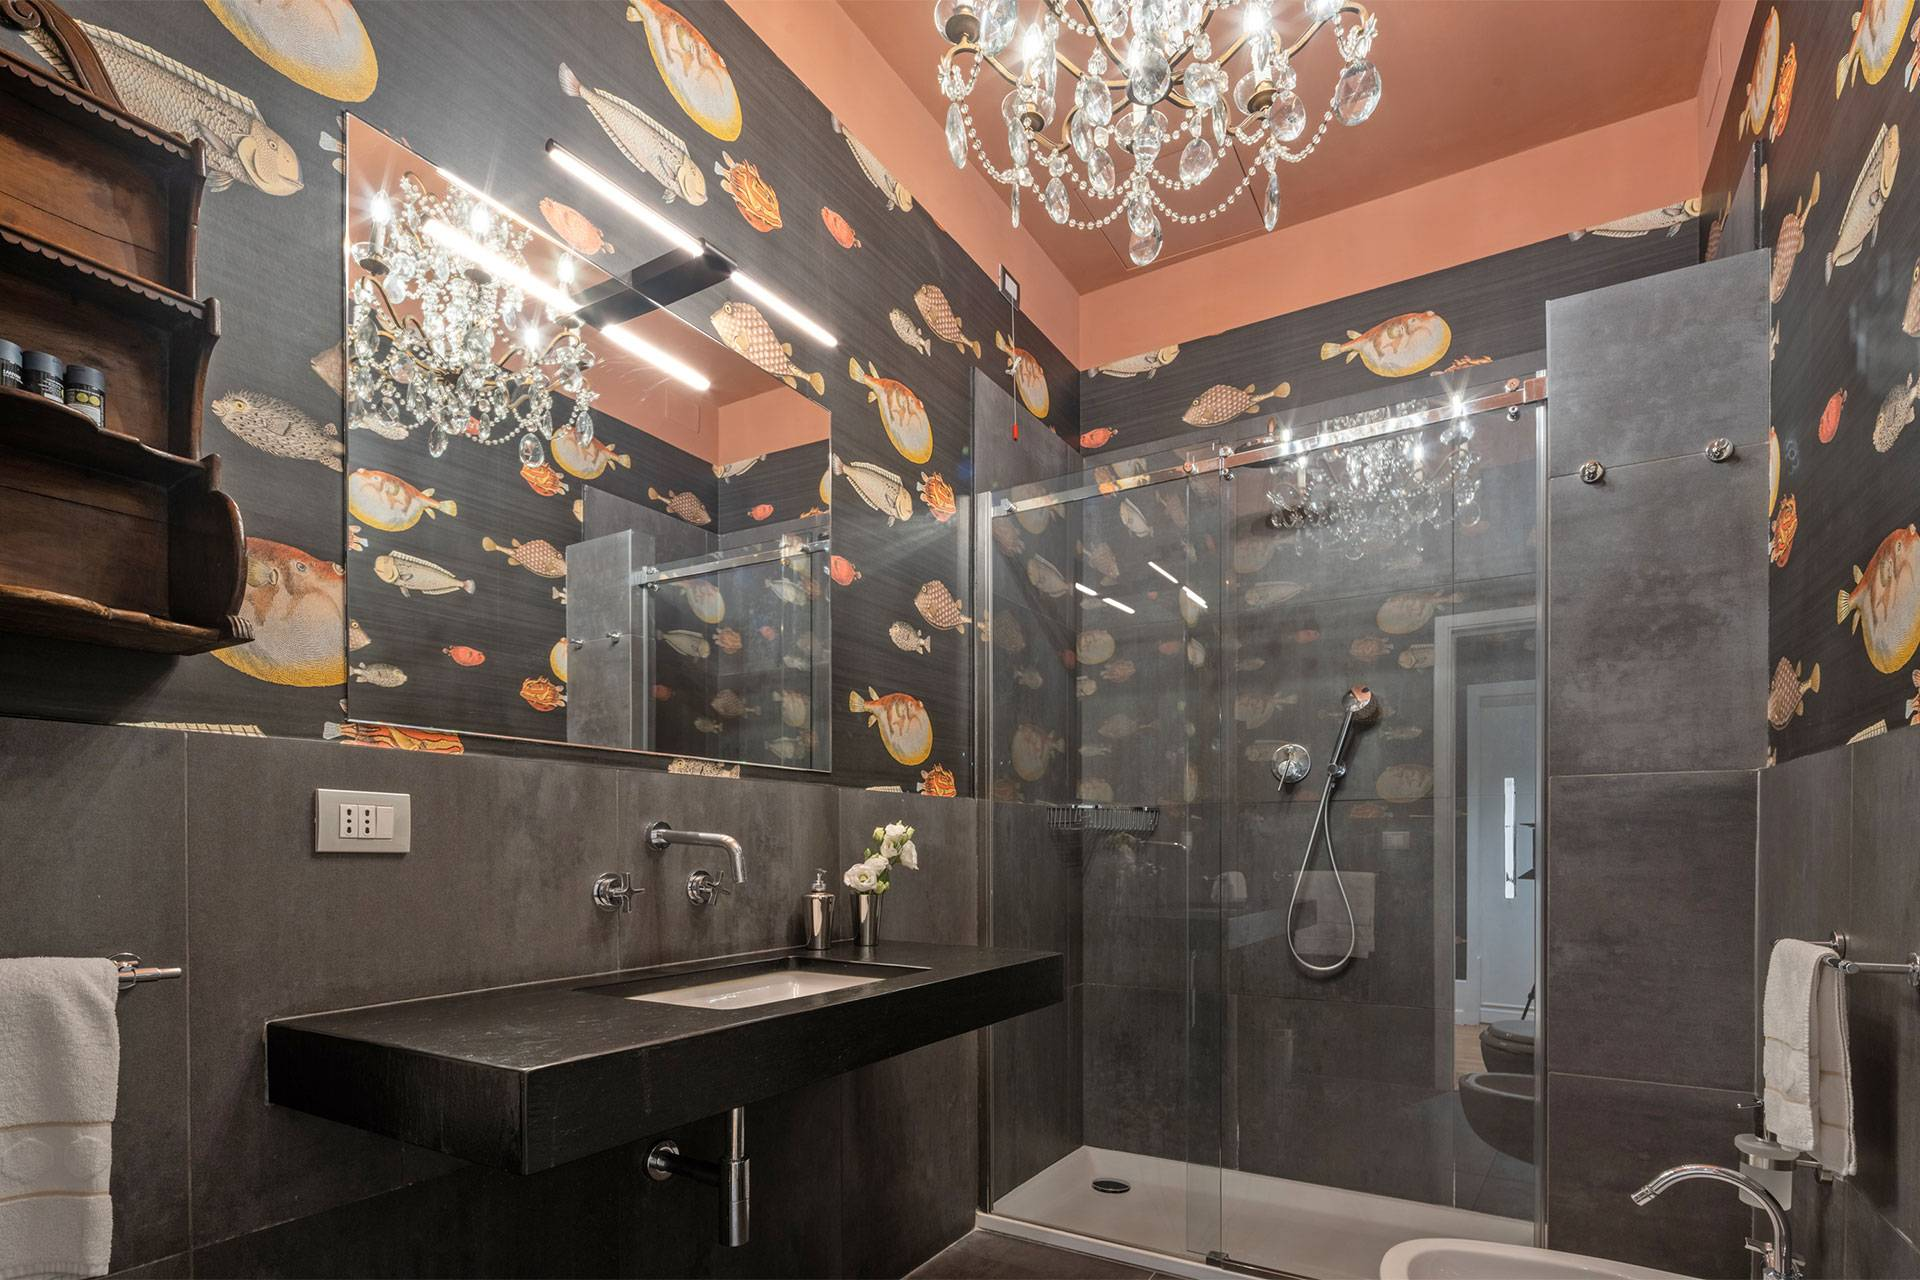 en-suite bathroom of the Second bedroom